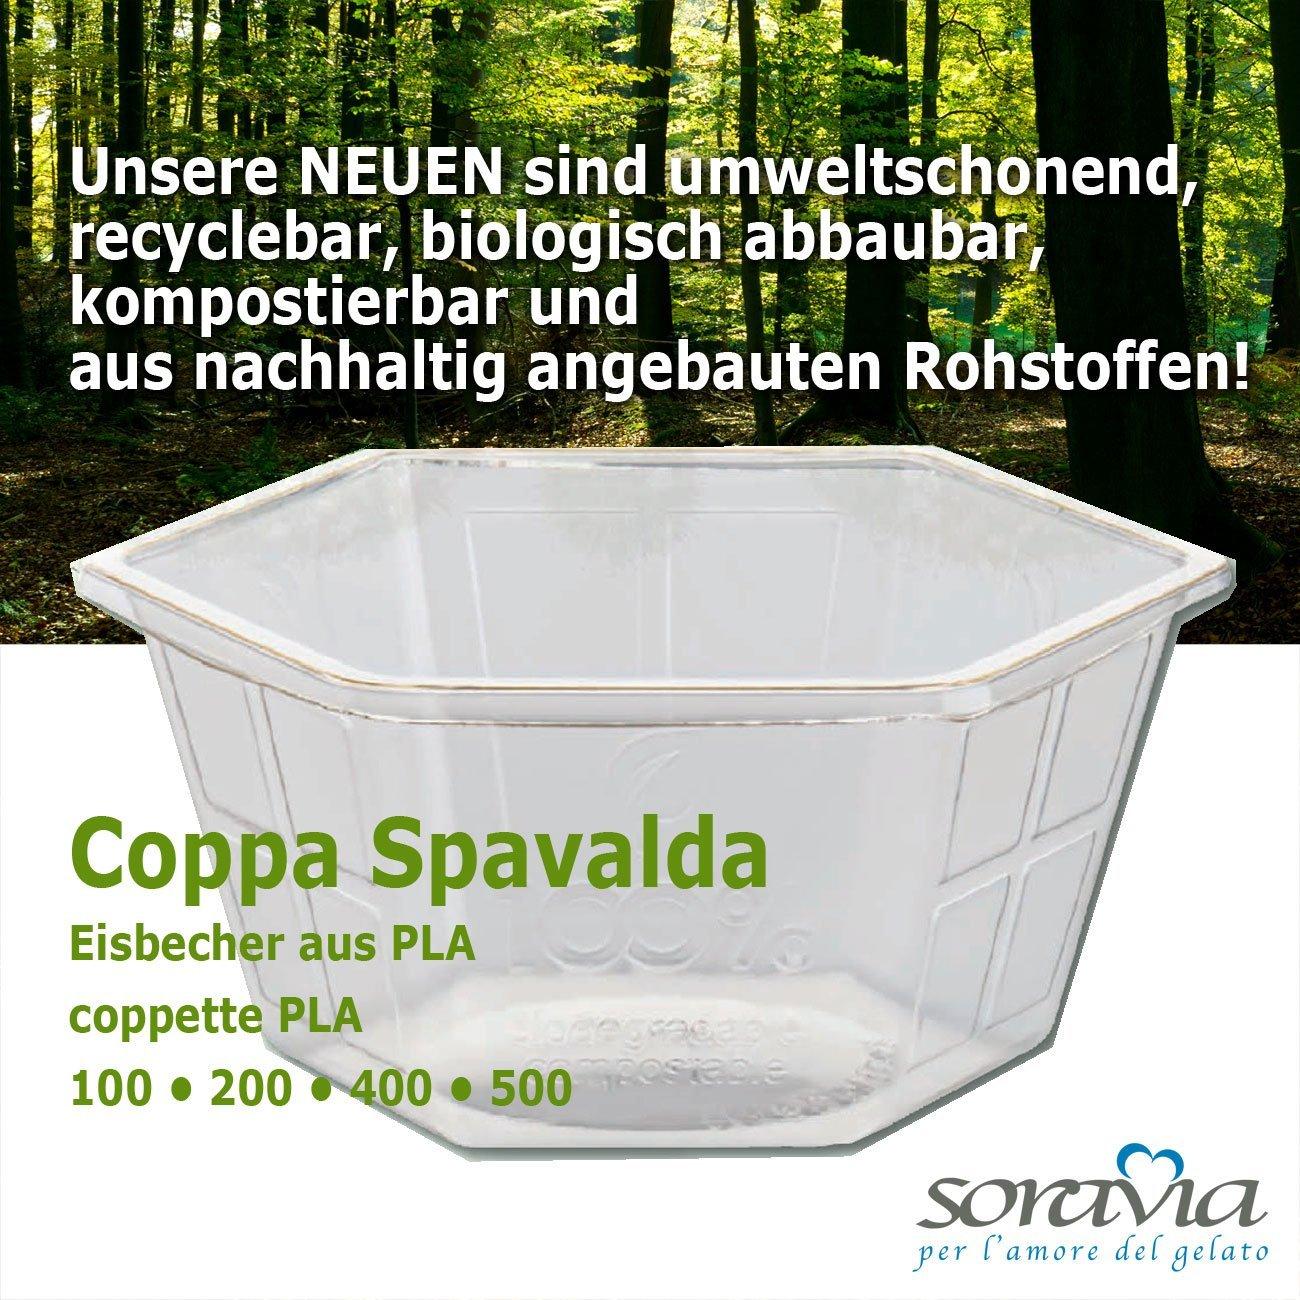 Coppa Spavalda 200, bunt gemischt / multicolore - Karton 1.200 Stück -  Eisbecher aus Plastik